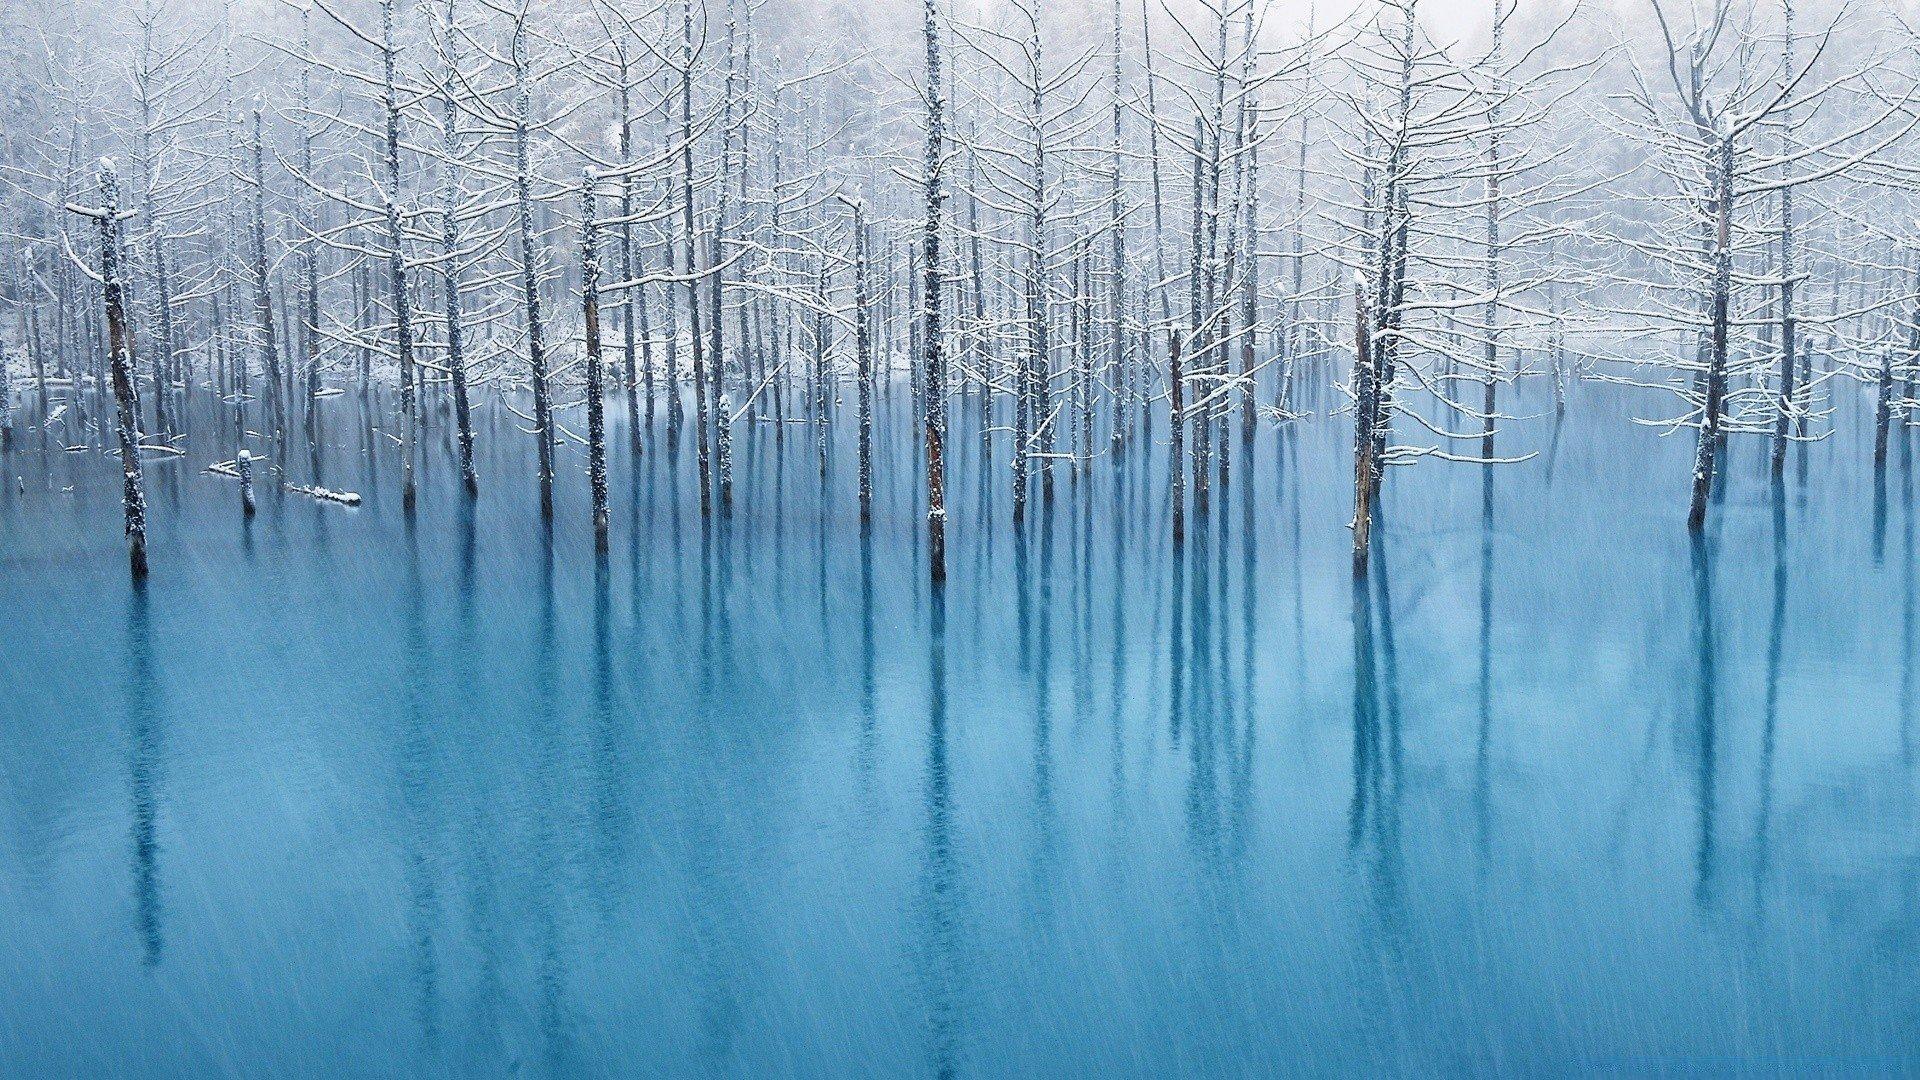 Winter Aesthetic Wallpaper For Pc